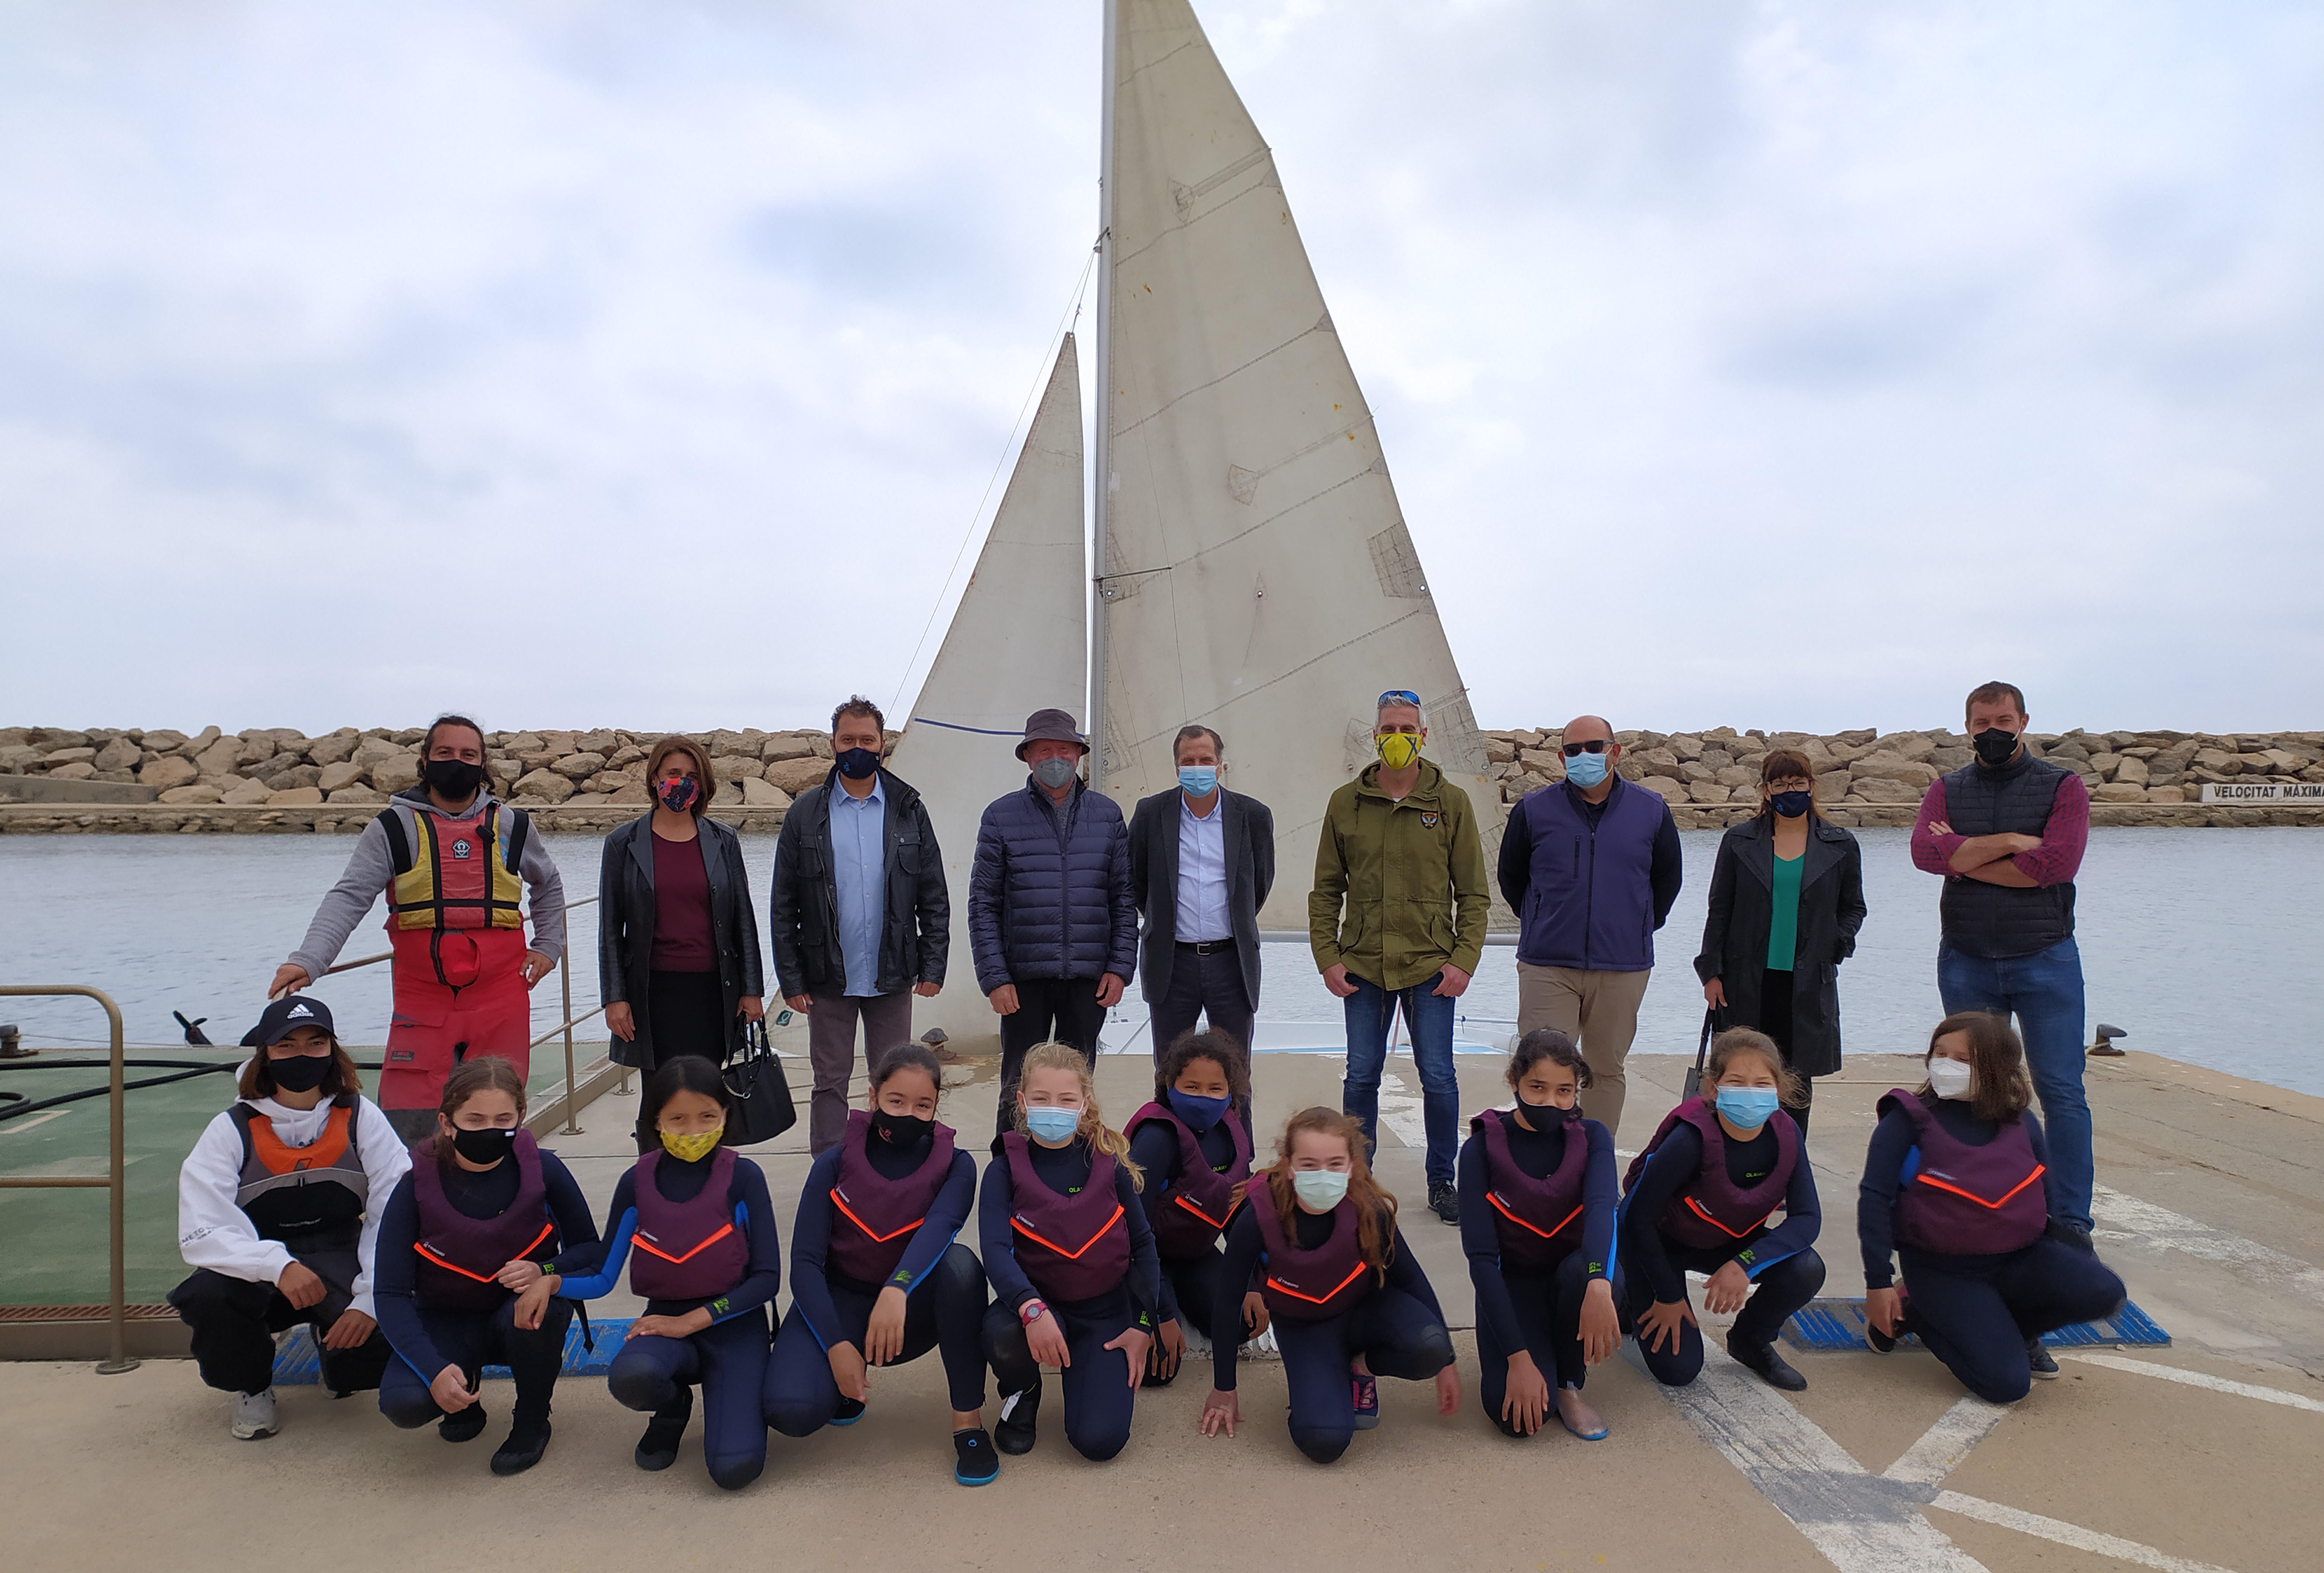 L'alumnat de 5è de primària de Vandellòs i l'Hospitalet de l'Infant participa en el programa de vela escolar Esport Blau